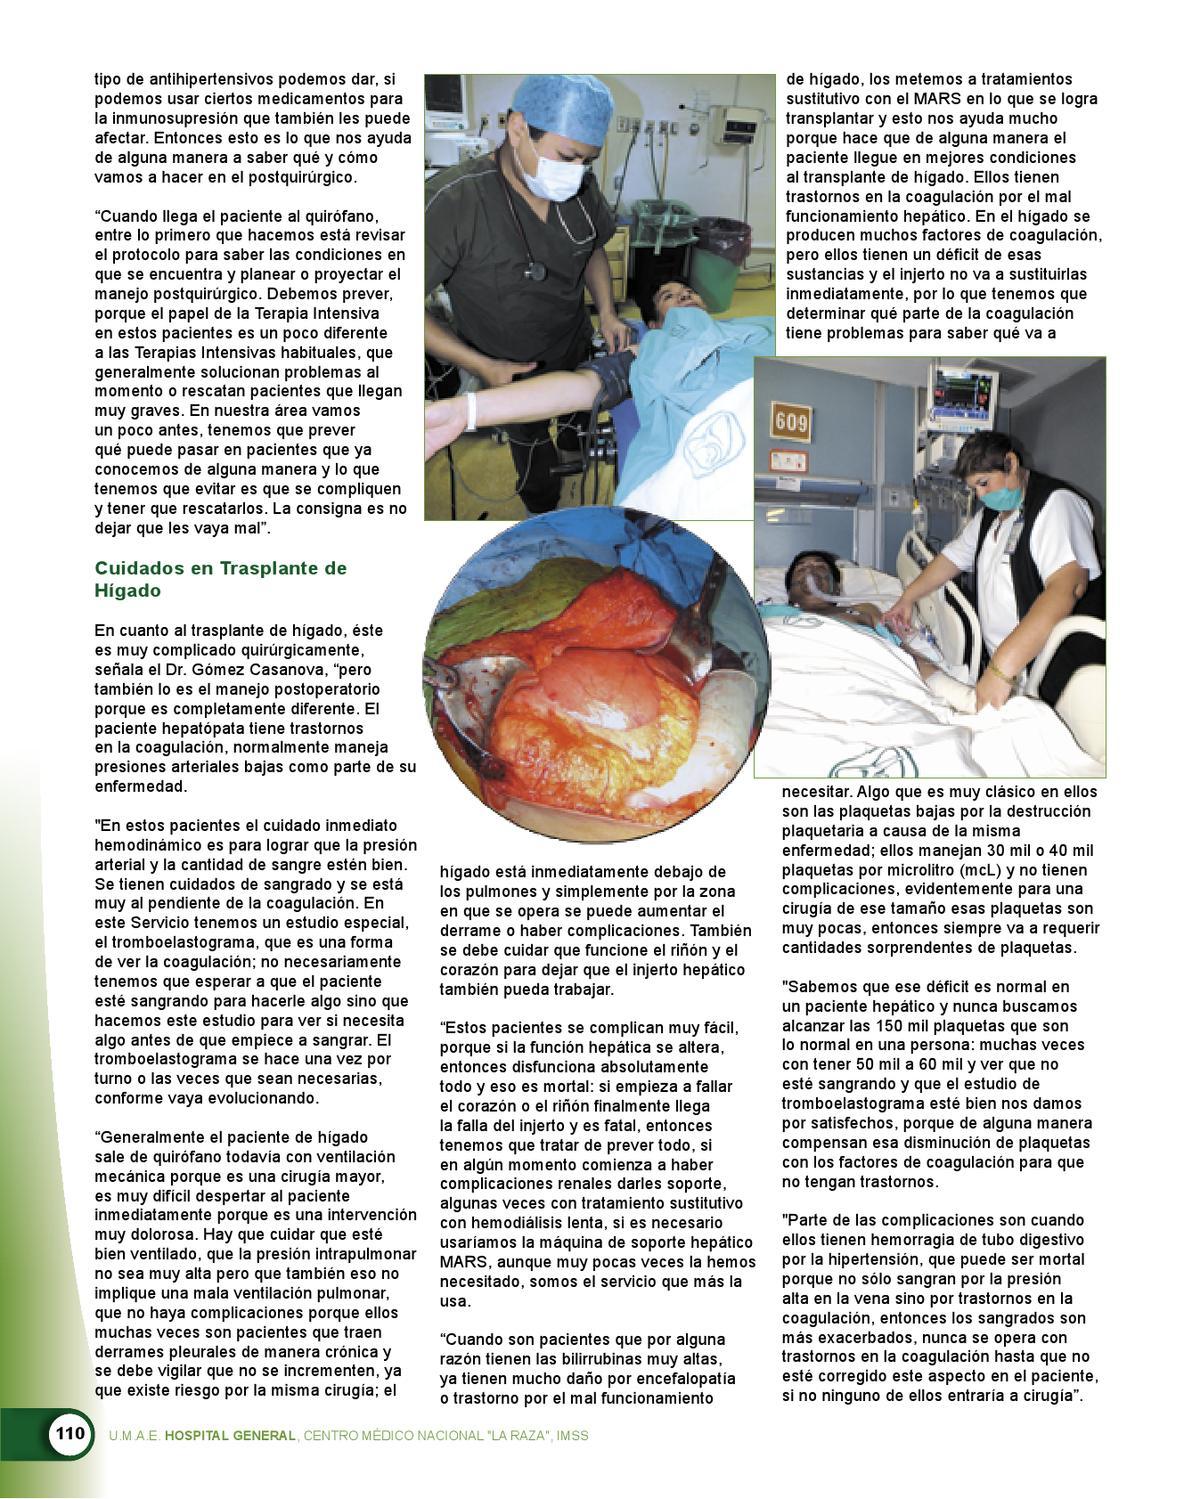 Hipertensión de trasplante de hígado